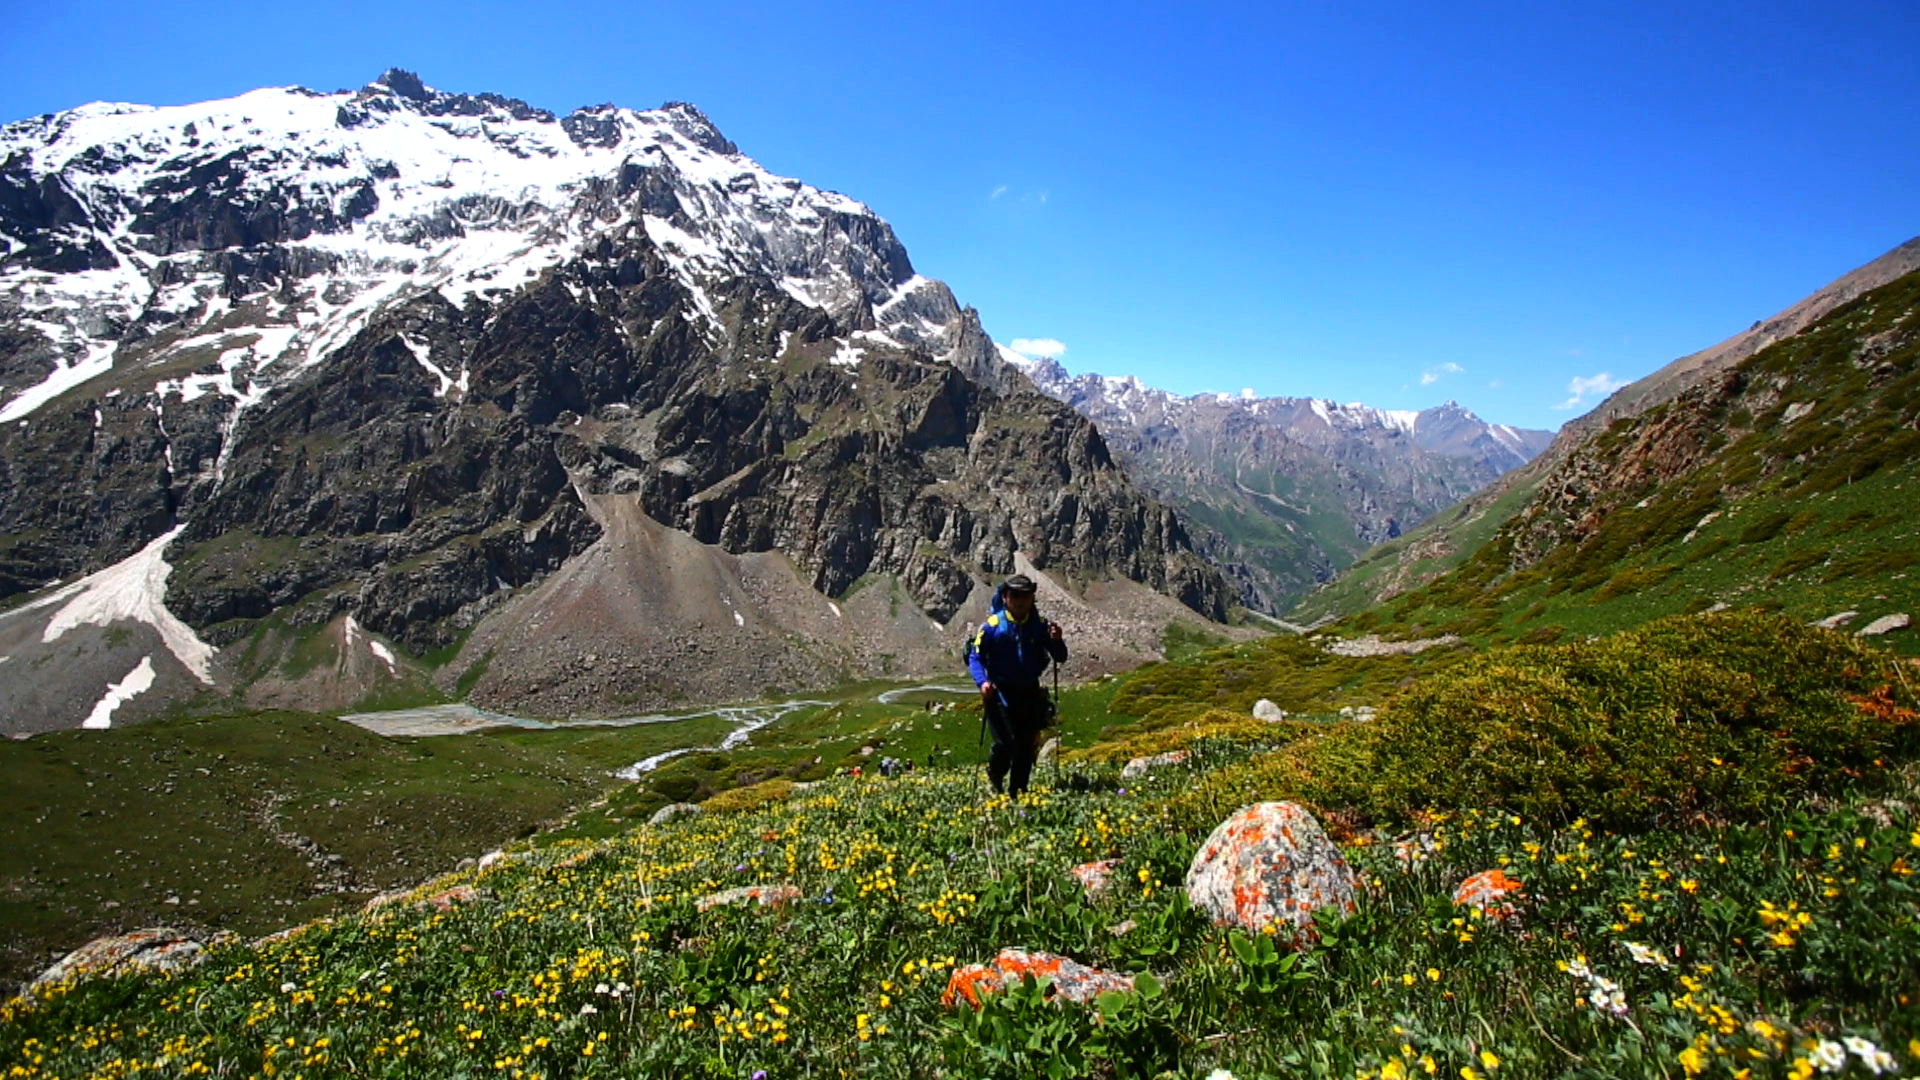 키르기스스탄 2부작 ? 2부 원시 자연의 노래 (7월 24일)